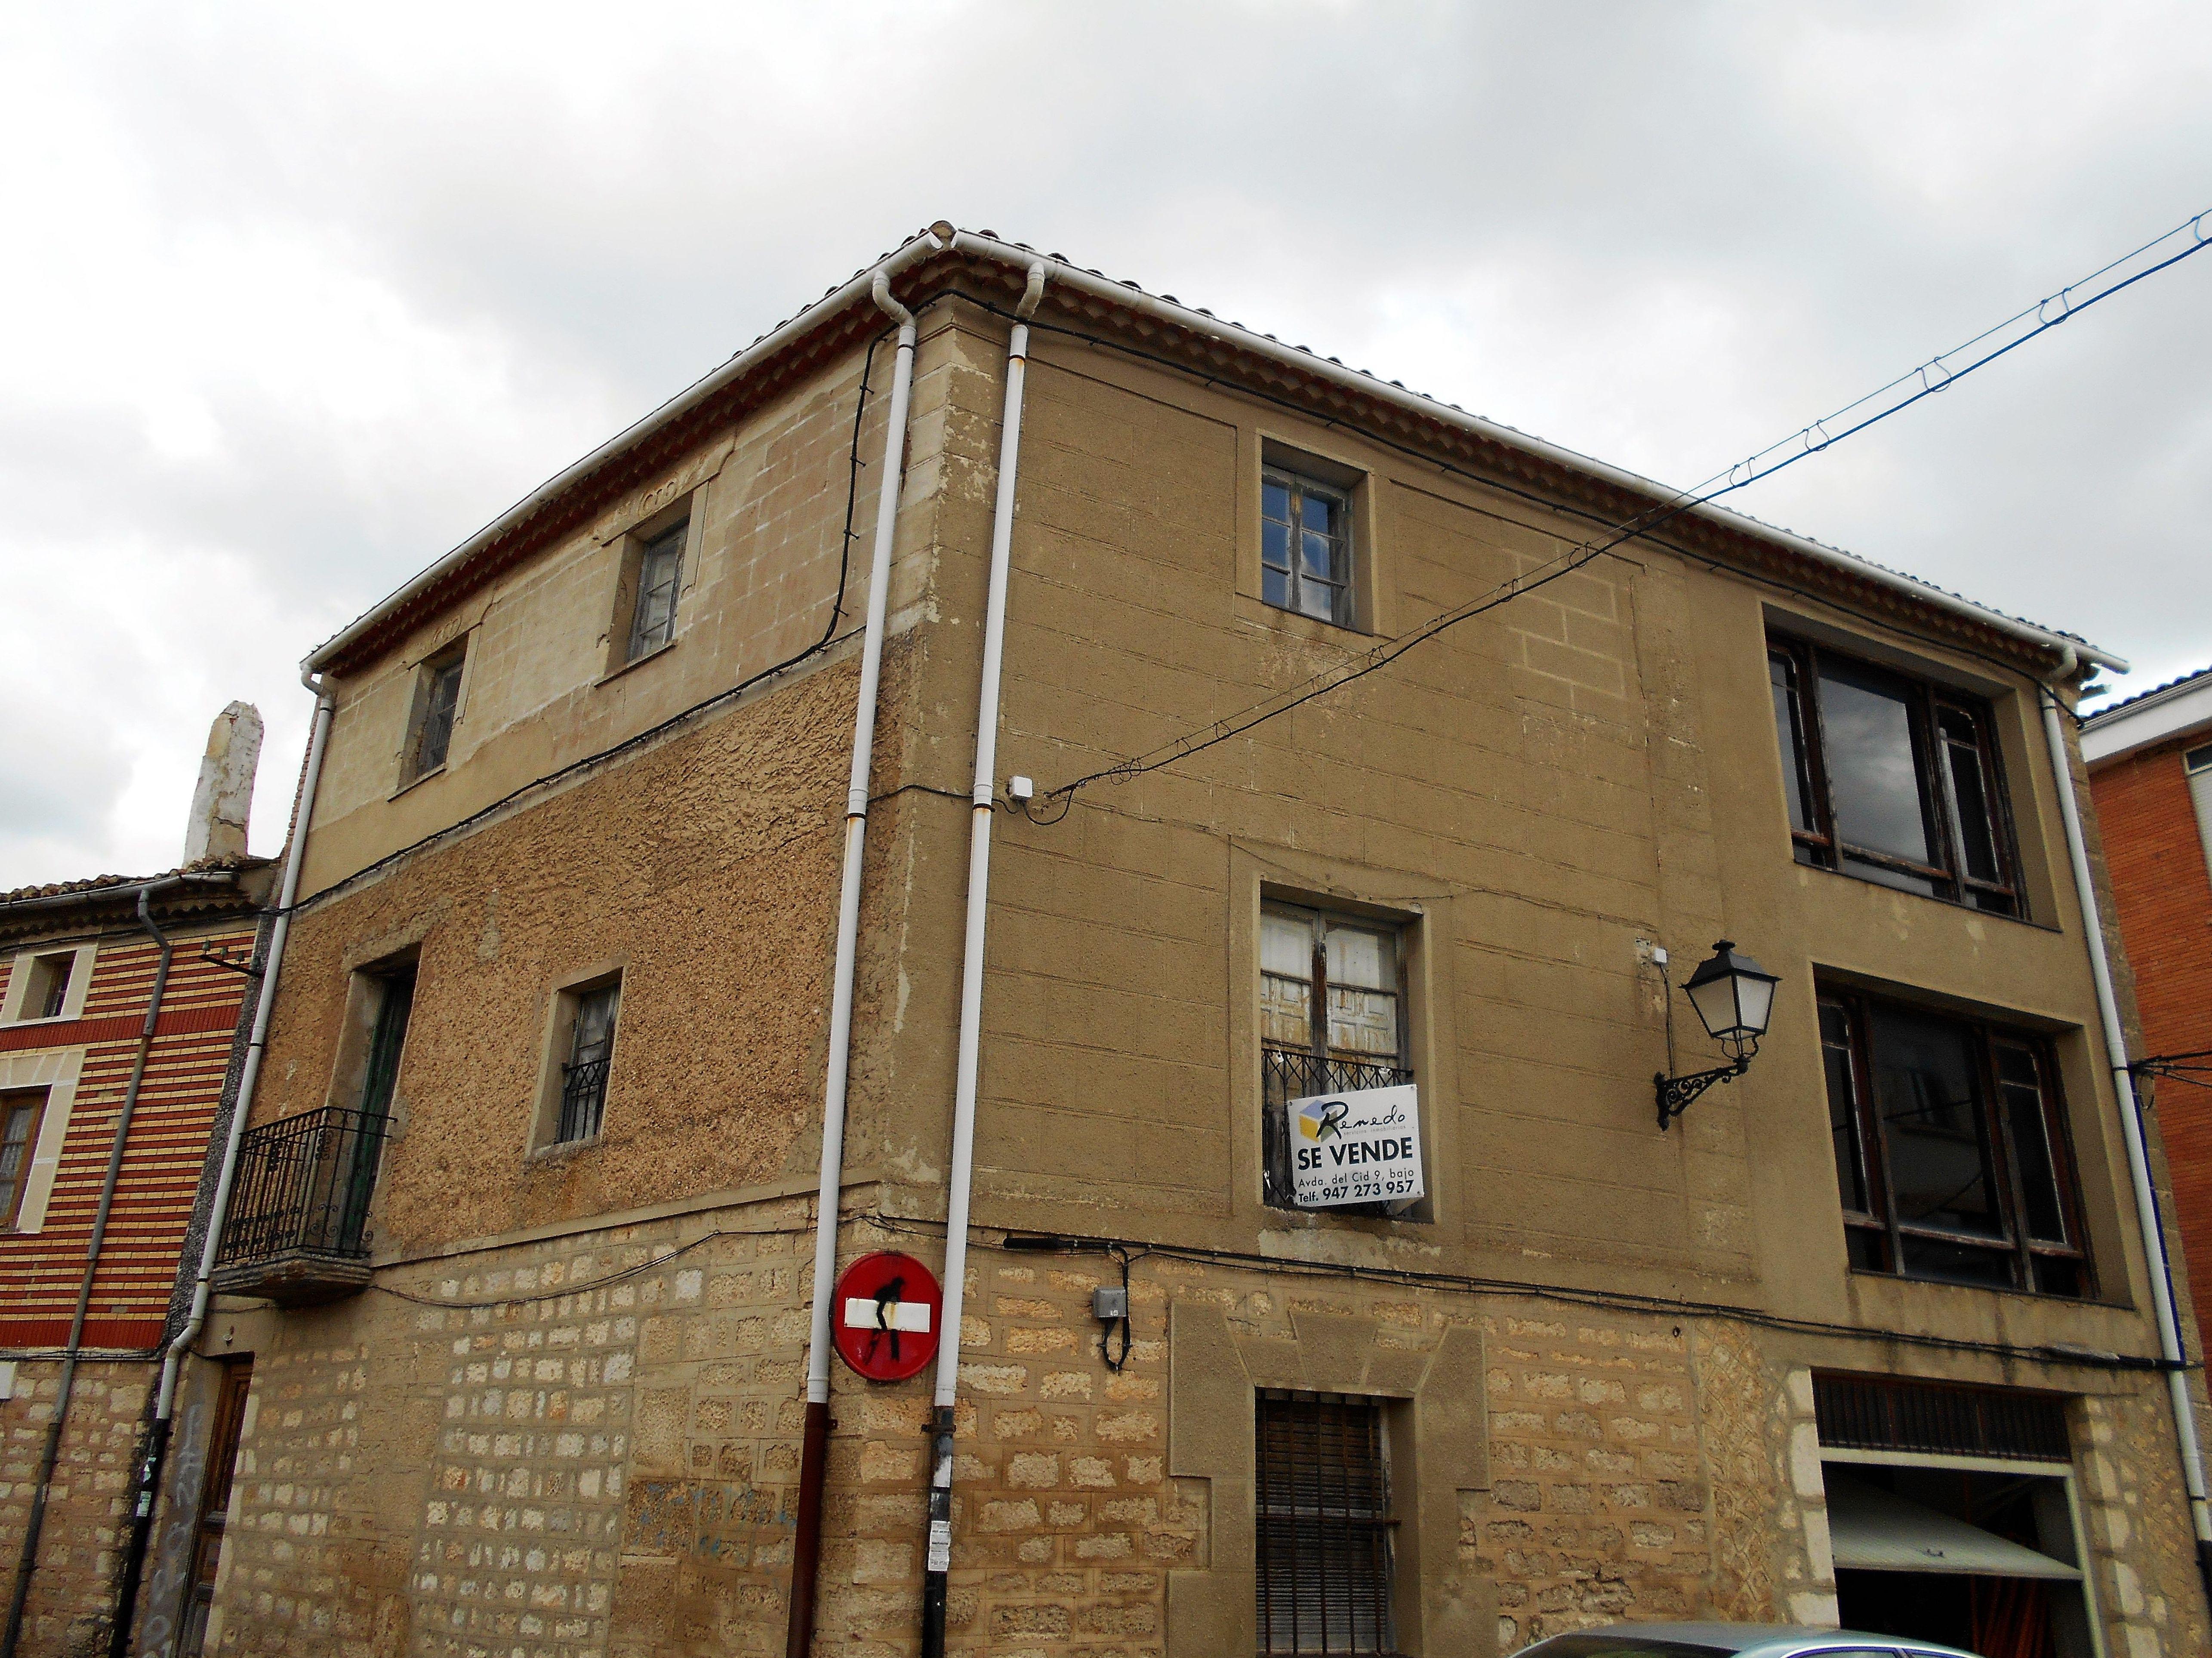 Casa - Villadiego: Venta y alquiler de inmuebles de Inmobiliaria Renedo